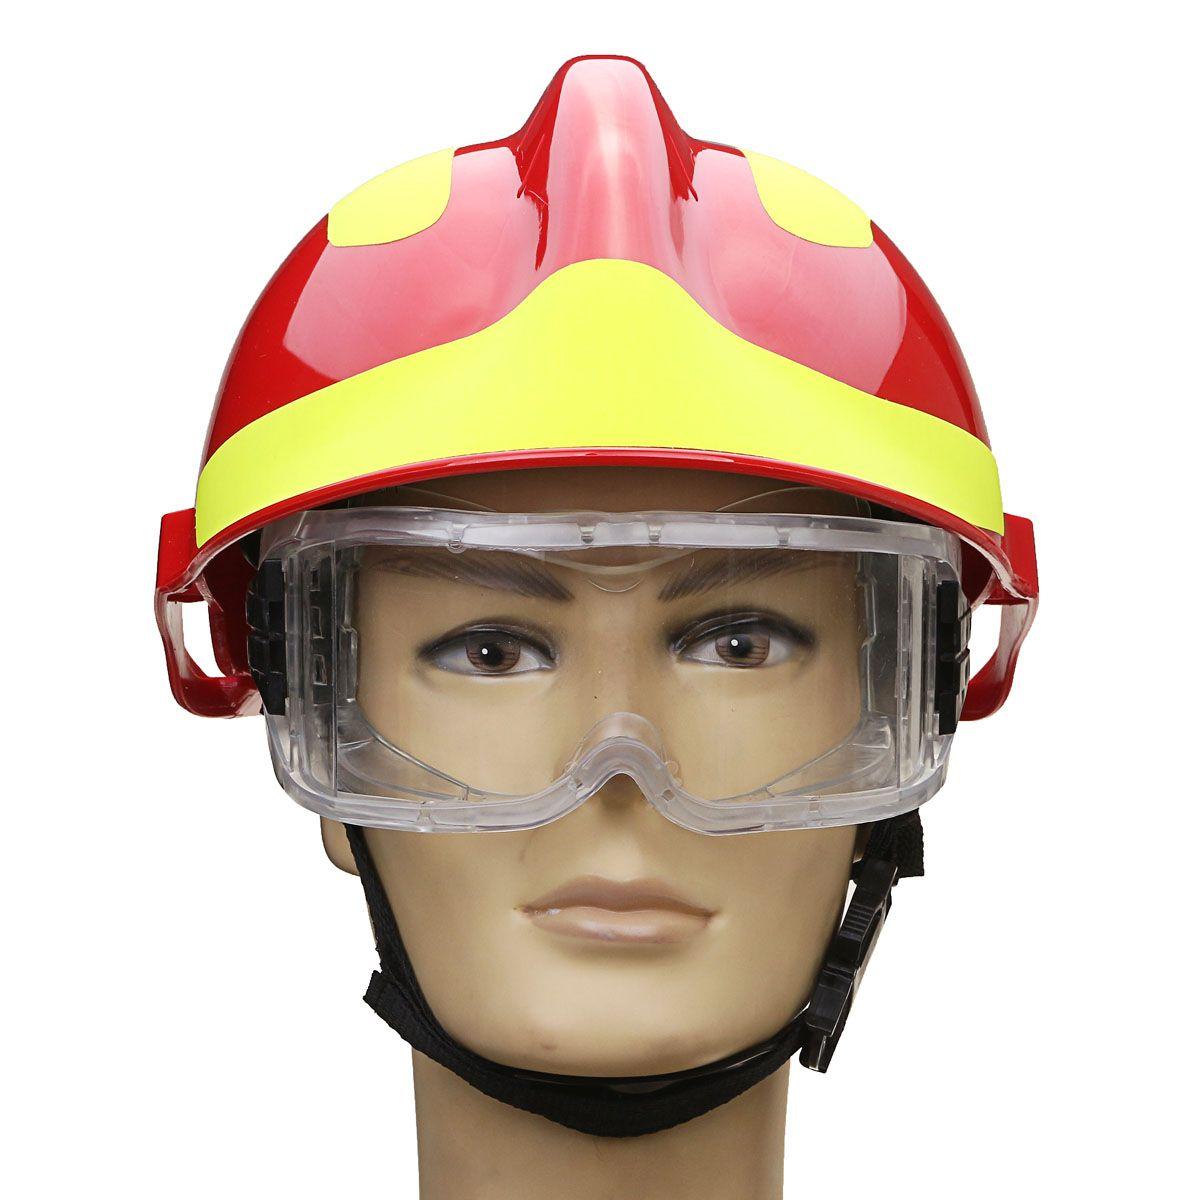 NEUE Safurance Rettungs Helm Feuer Kämpfer Schutzbrille Protector Arbeitssicherheit Brandschutz 53 CM-63 CM